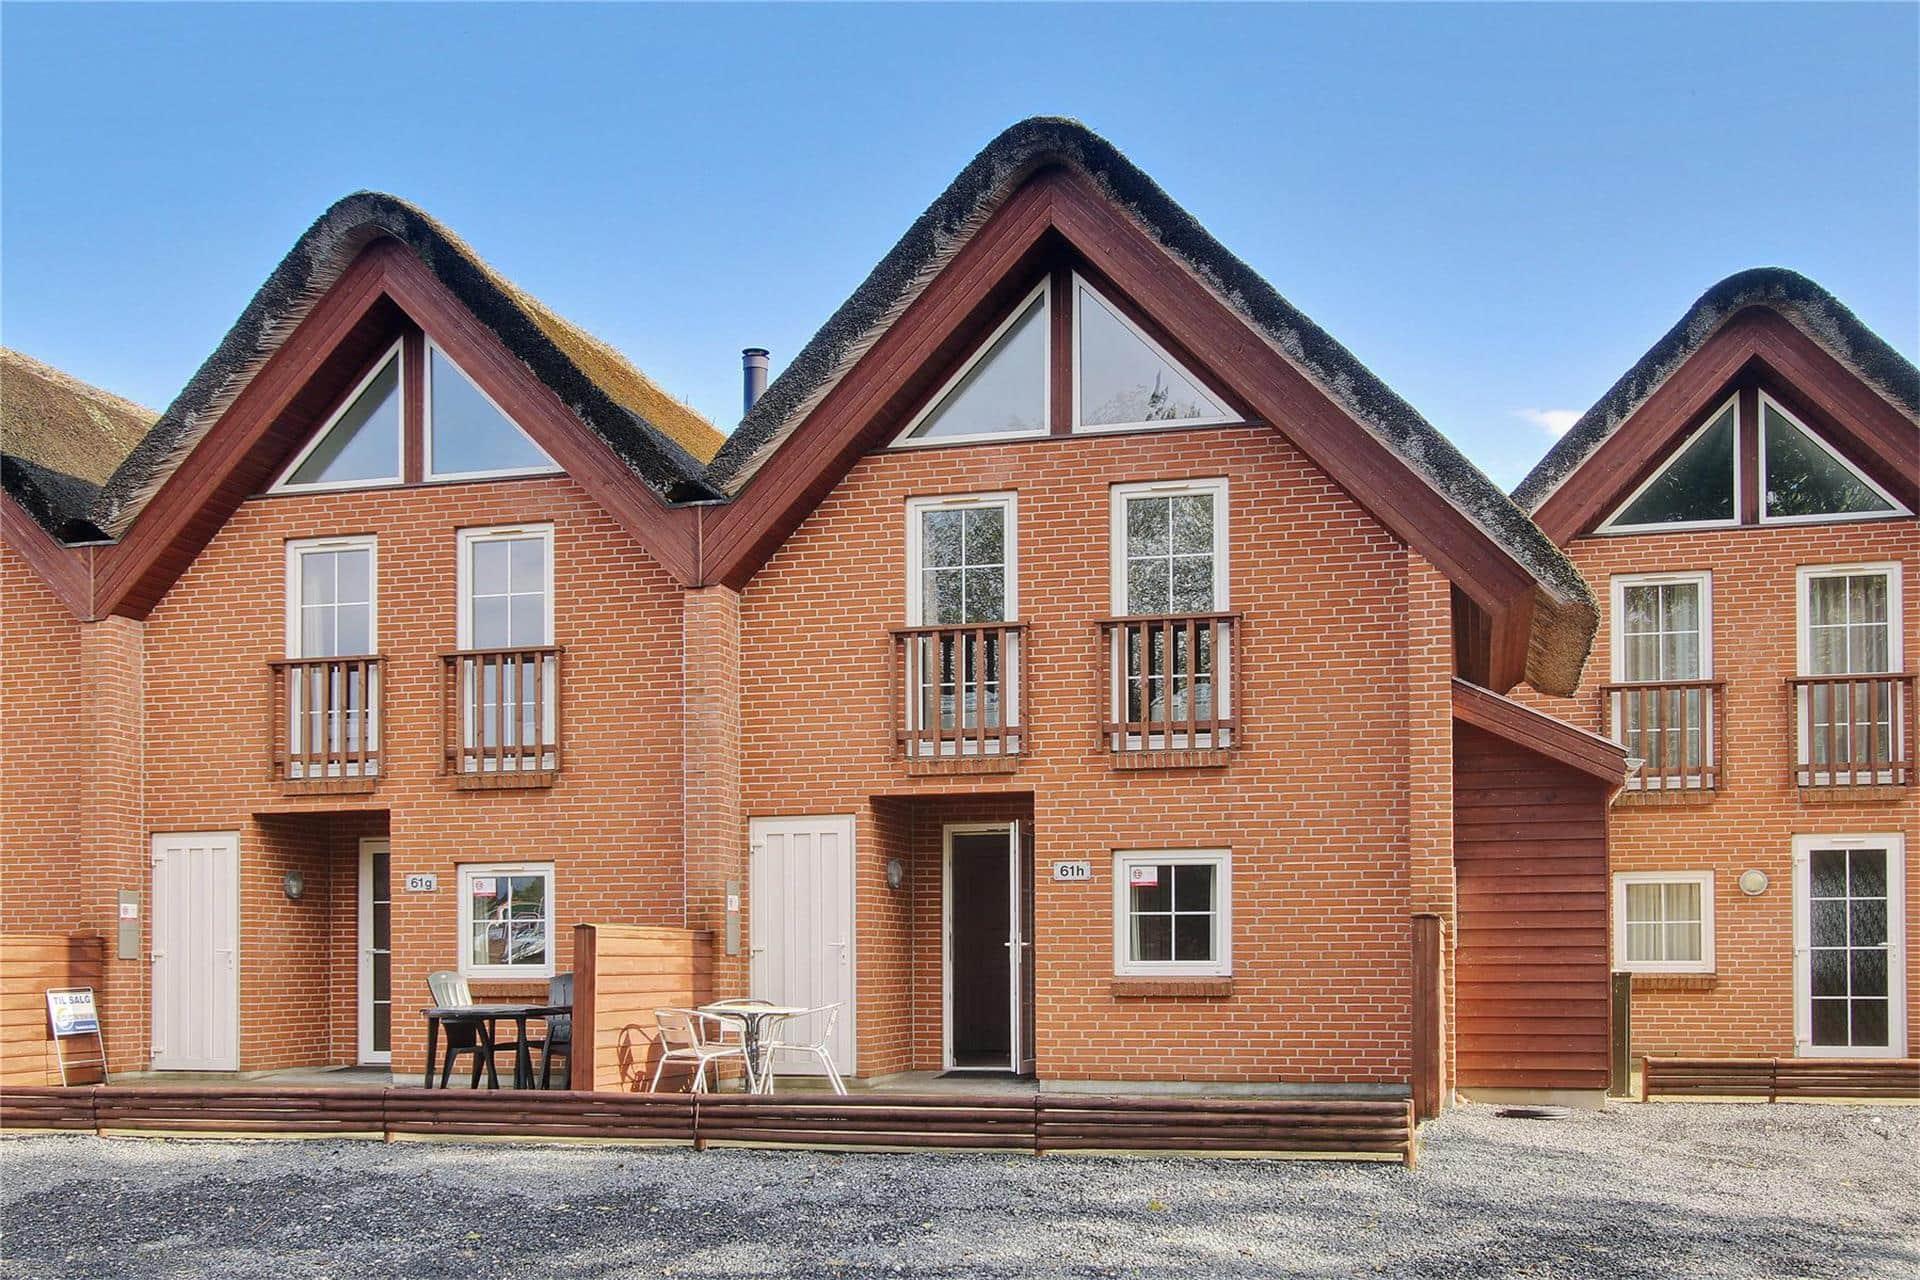 Bild 1-11 Ferienhaus 0236, Havnebyvej 61, DK - 6792 Rømø